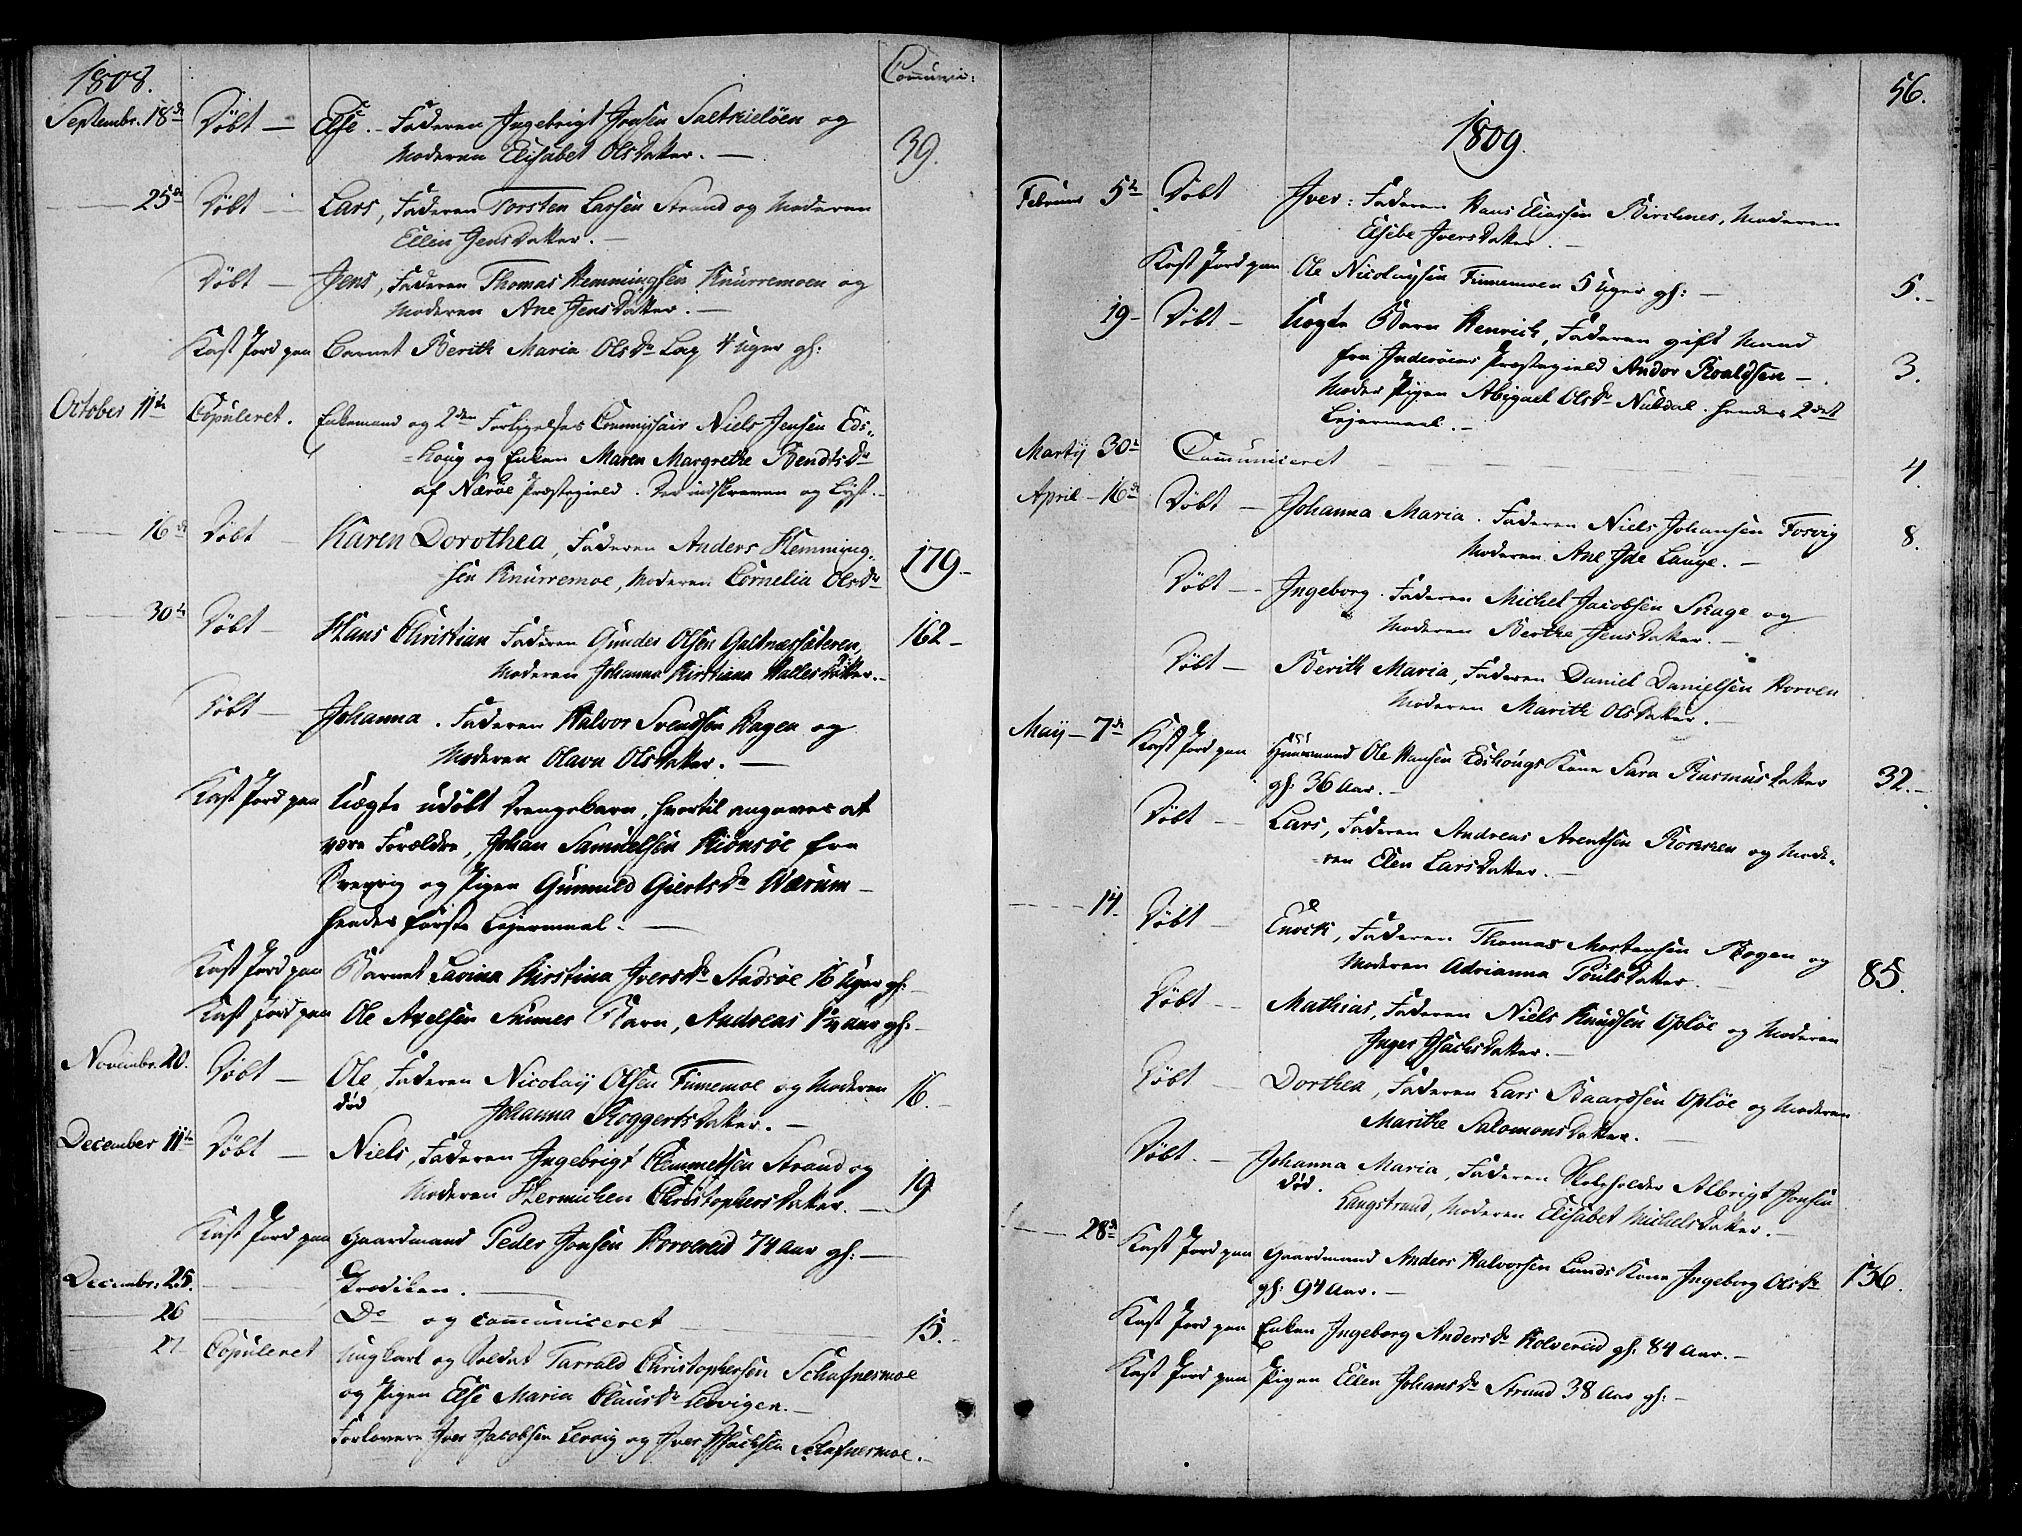 SAT, Ministerialprotokoller, klokkerbøker og fødselsregistre - Nord-Trøndelag, 780/L0633: Ministerialbok nr. 780A02 /1, 1787-1814, s. 56